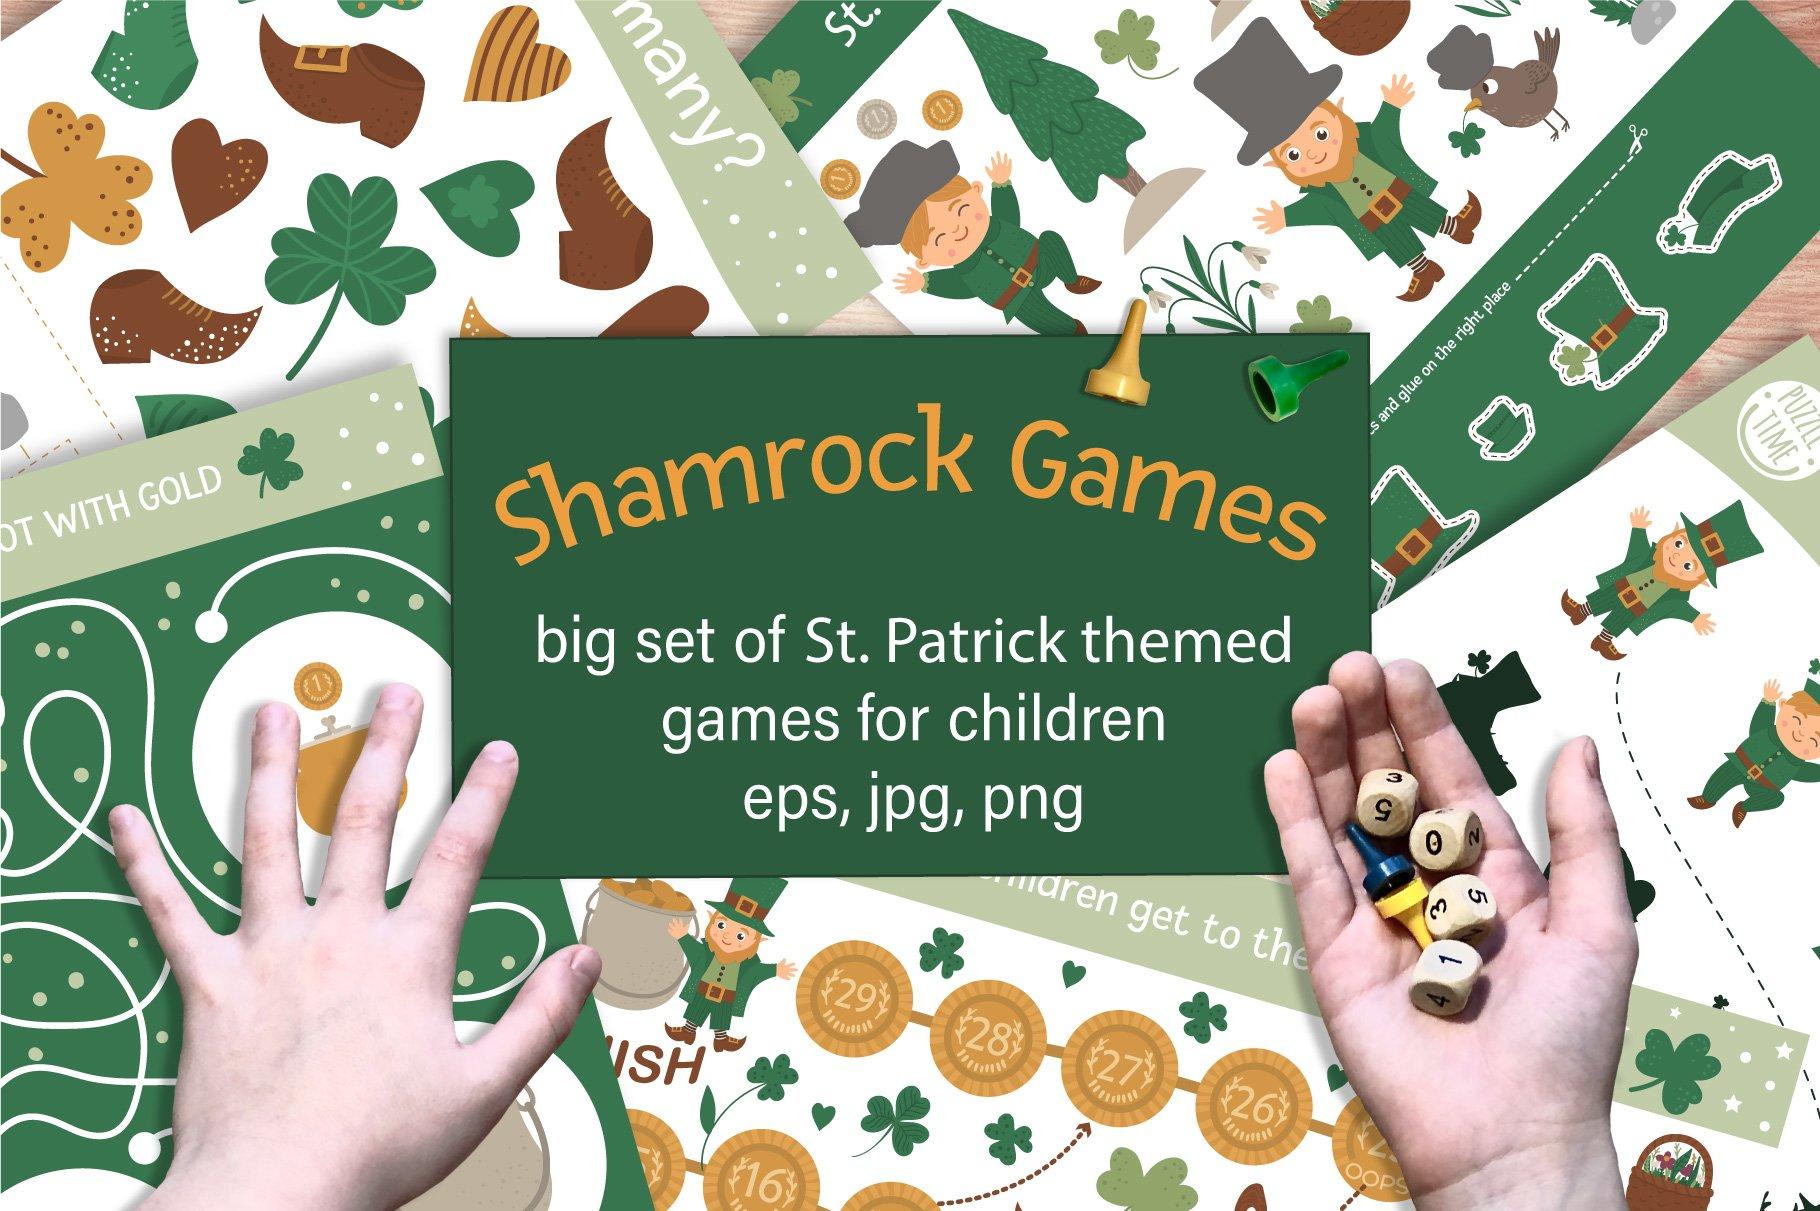 Download Shamrock Games 422302 Educational Design Bundles